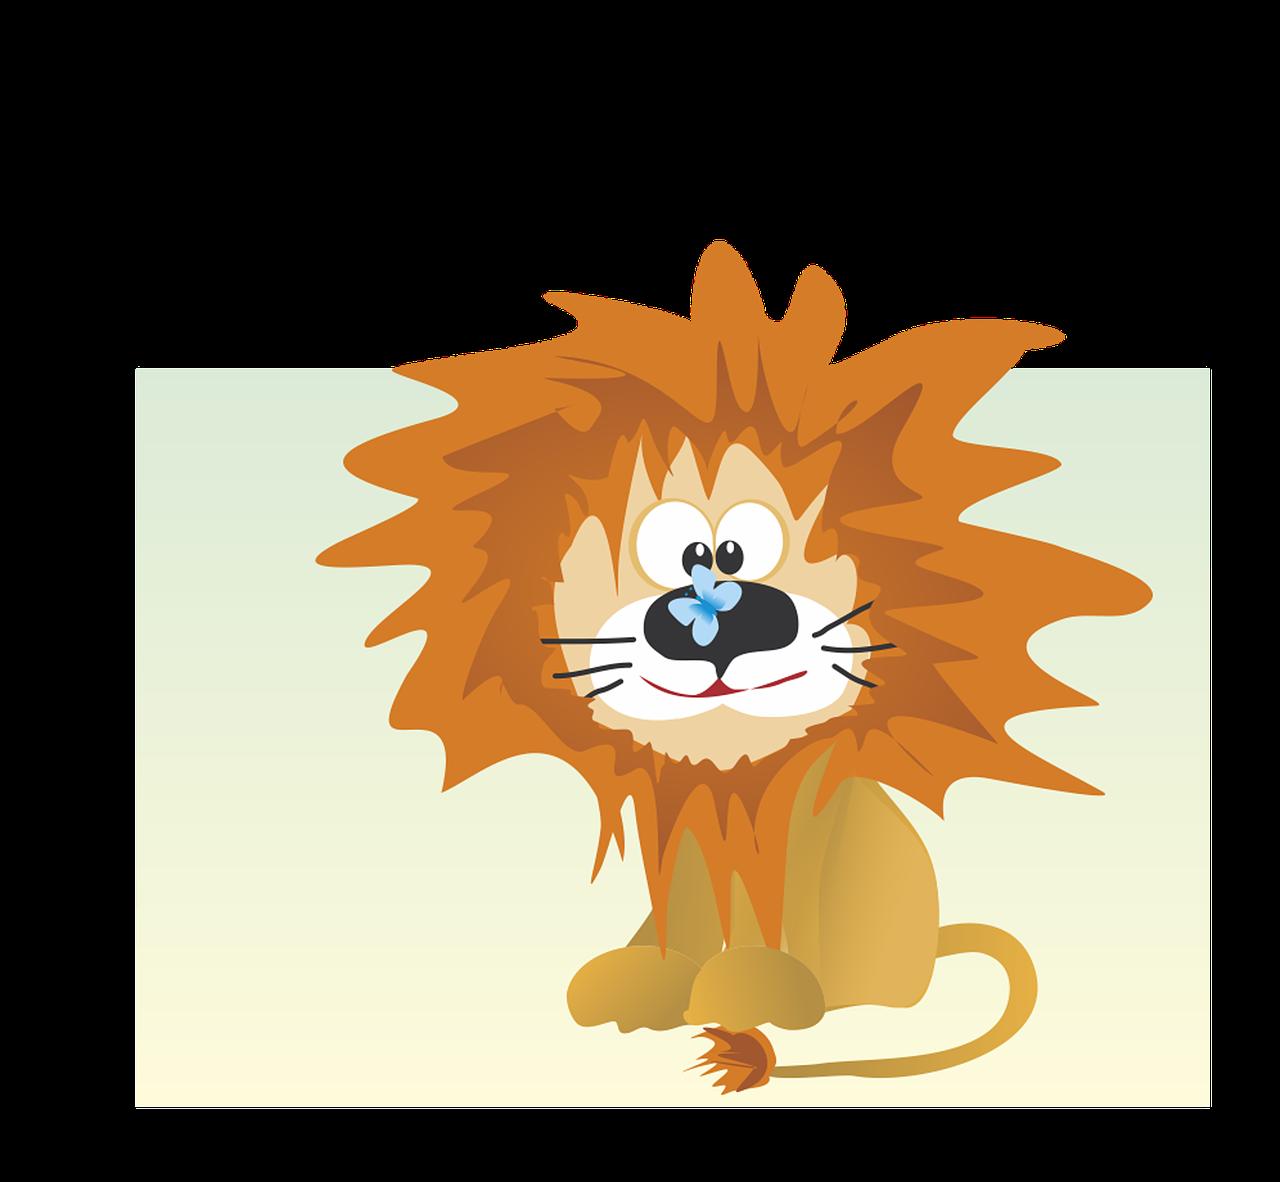 Днем рождения, смешной львенок рисунок